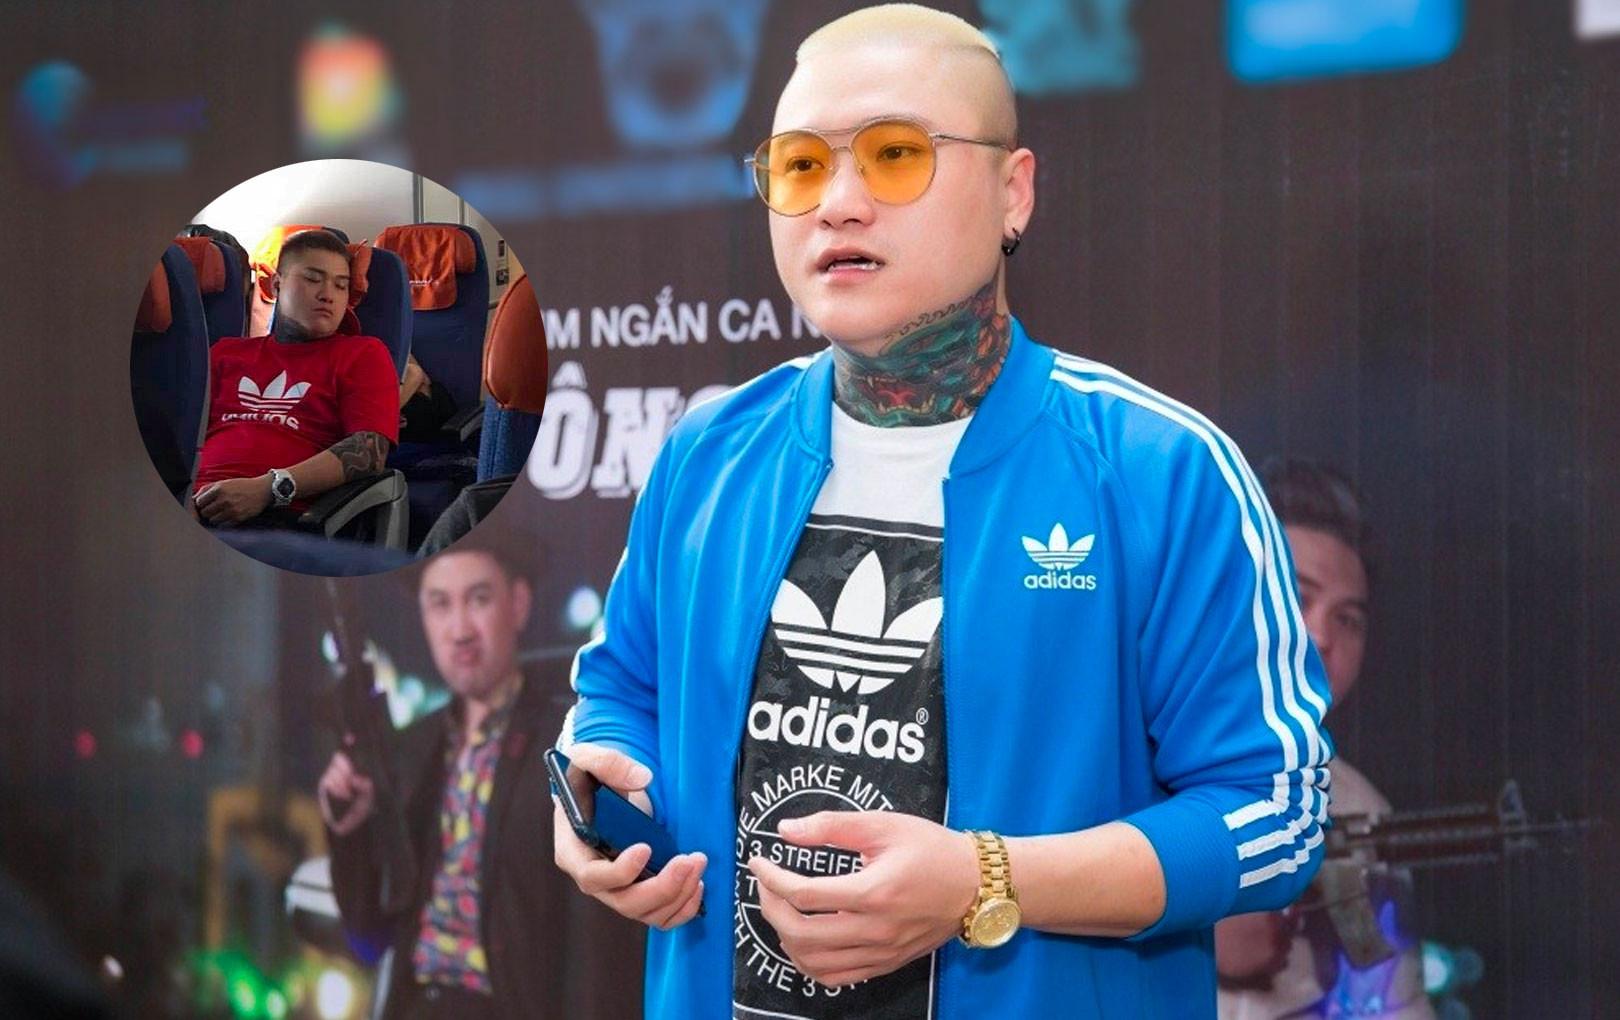 Bị chụp lén lại còn chê bai 'mặt béo như hợi', Vũ Duy Khánh dập lại anti-fan không trượt phát nào!